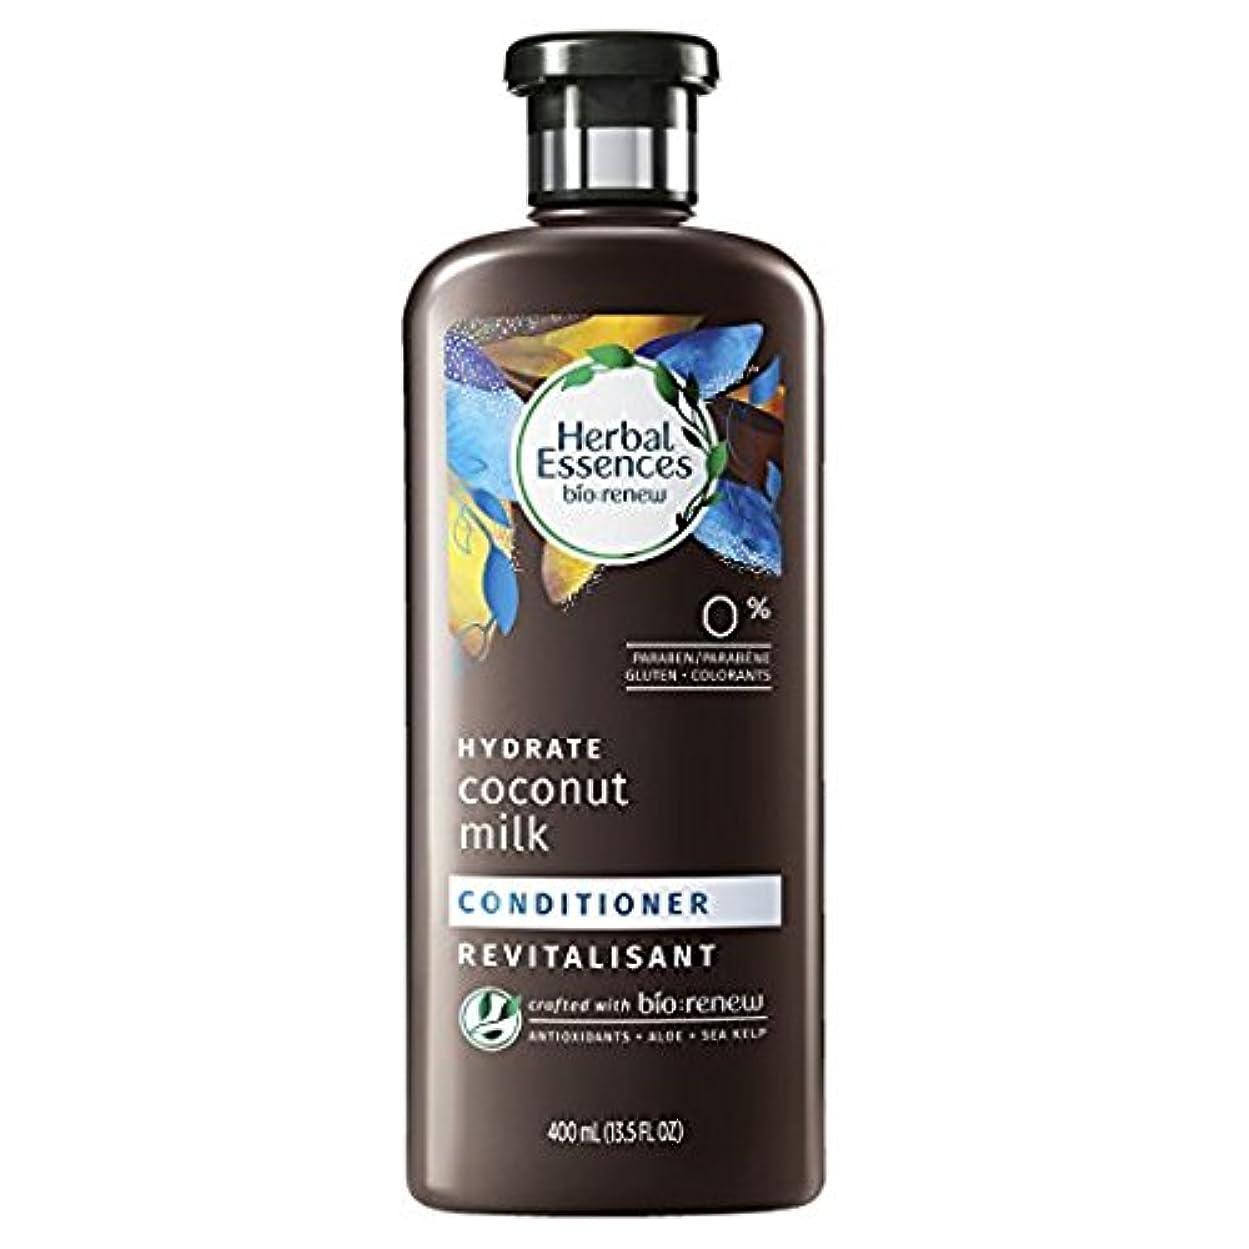 垂直望まないアーネストシャクルトンHerbal Essences Biorenew水和物ココナッツミルクコンディショナー、13.5液量オンス(2パック)